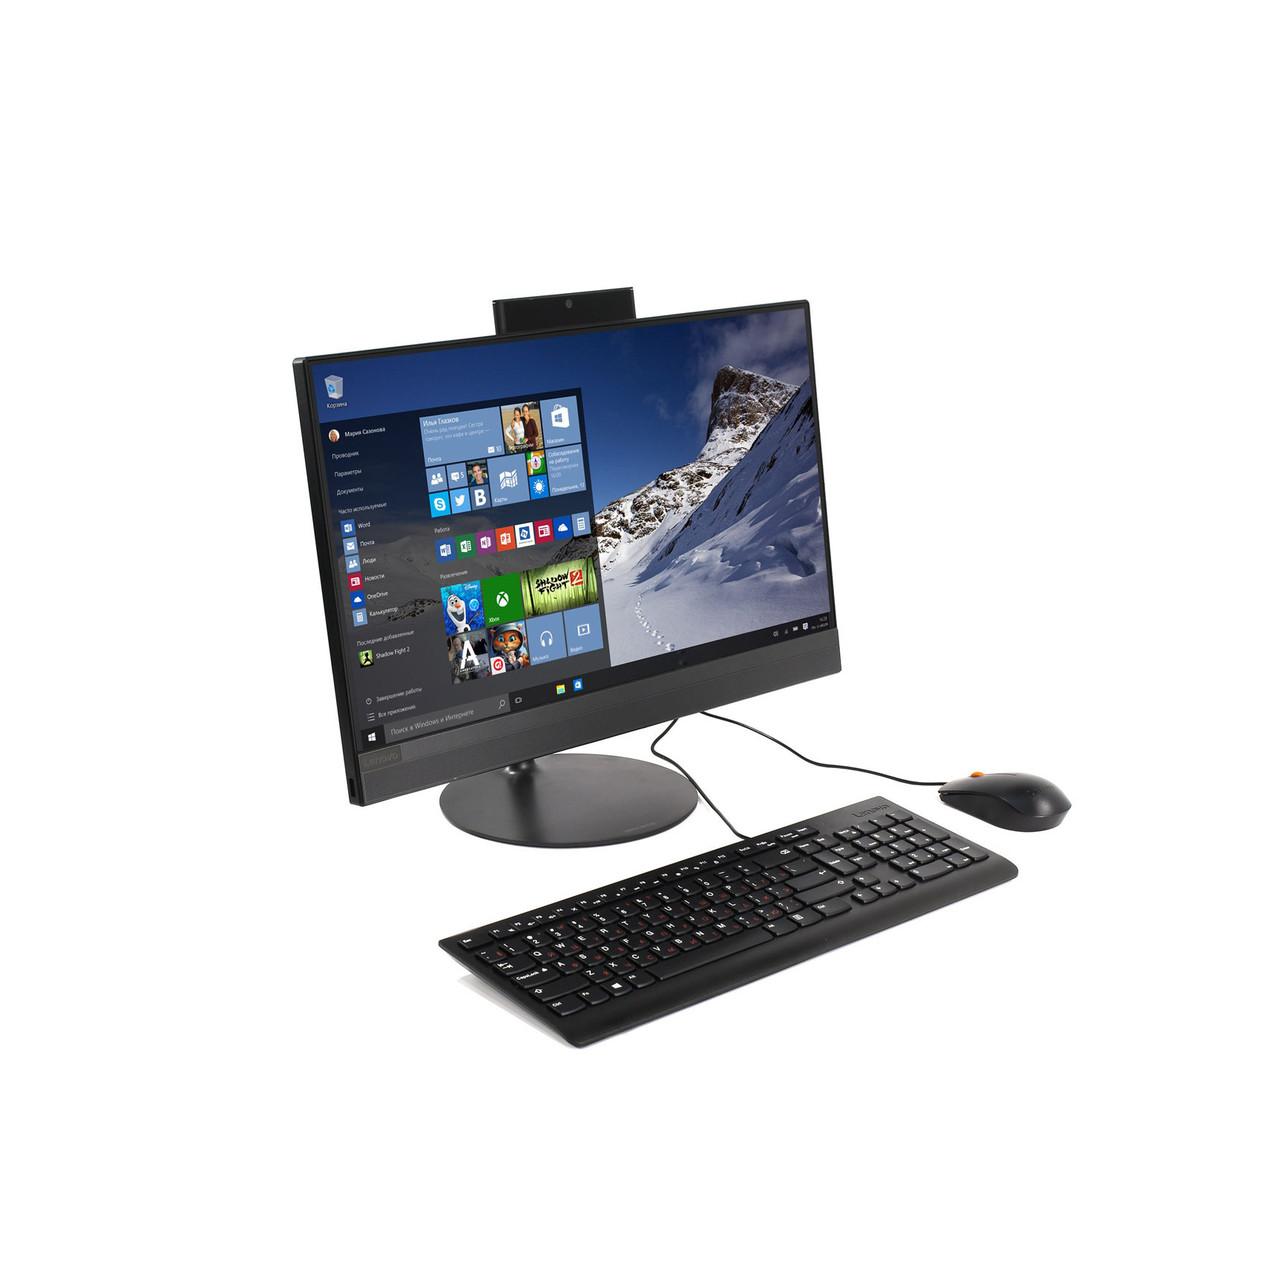 Моноблок Lenovo IdeaCentre 520-24ICB Intel Core i7 6 ядер 8 Гб HDD 1Тб Windows 10 F0DJ002MRK